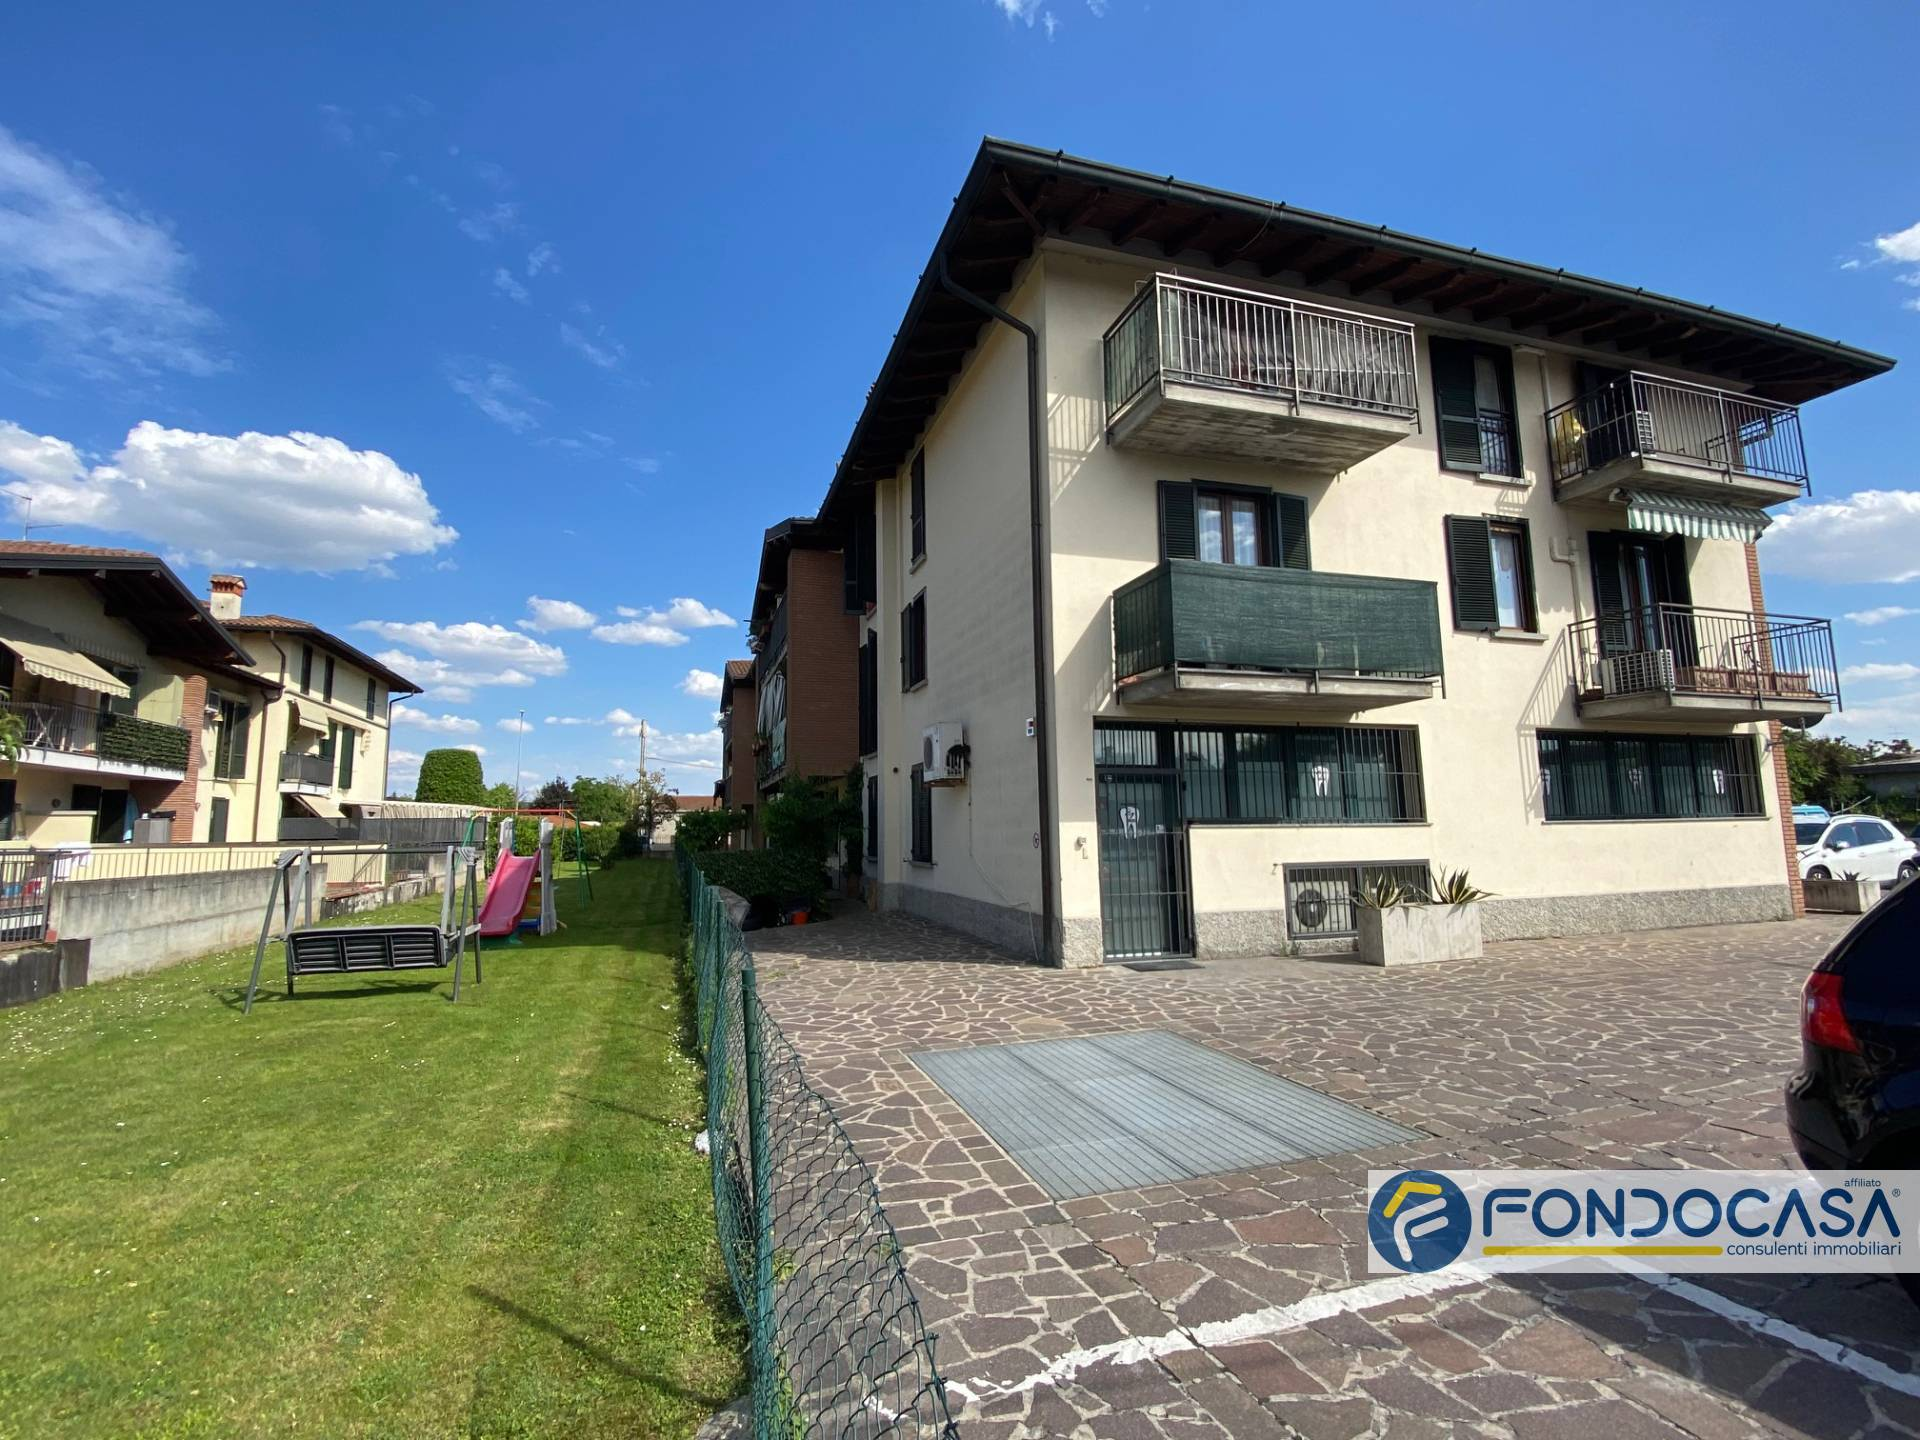 Appartamento in vendita a Cologne, 3 locali, prezzo € 120.000 | PortaleAgenzieImmobiliari.it